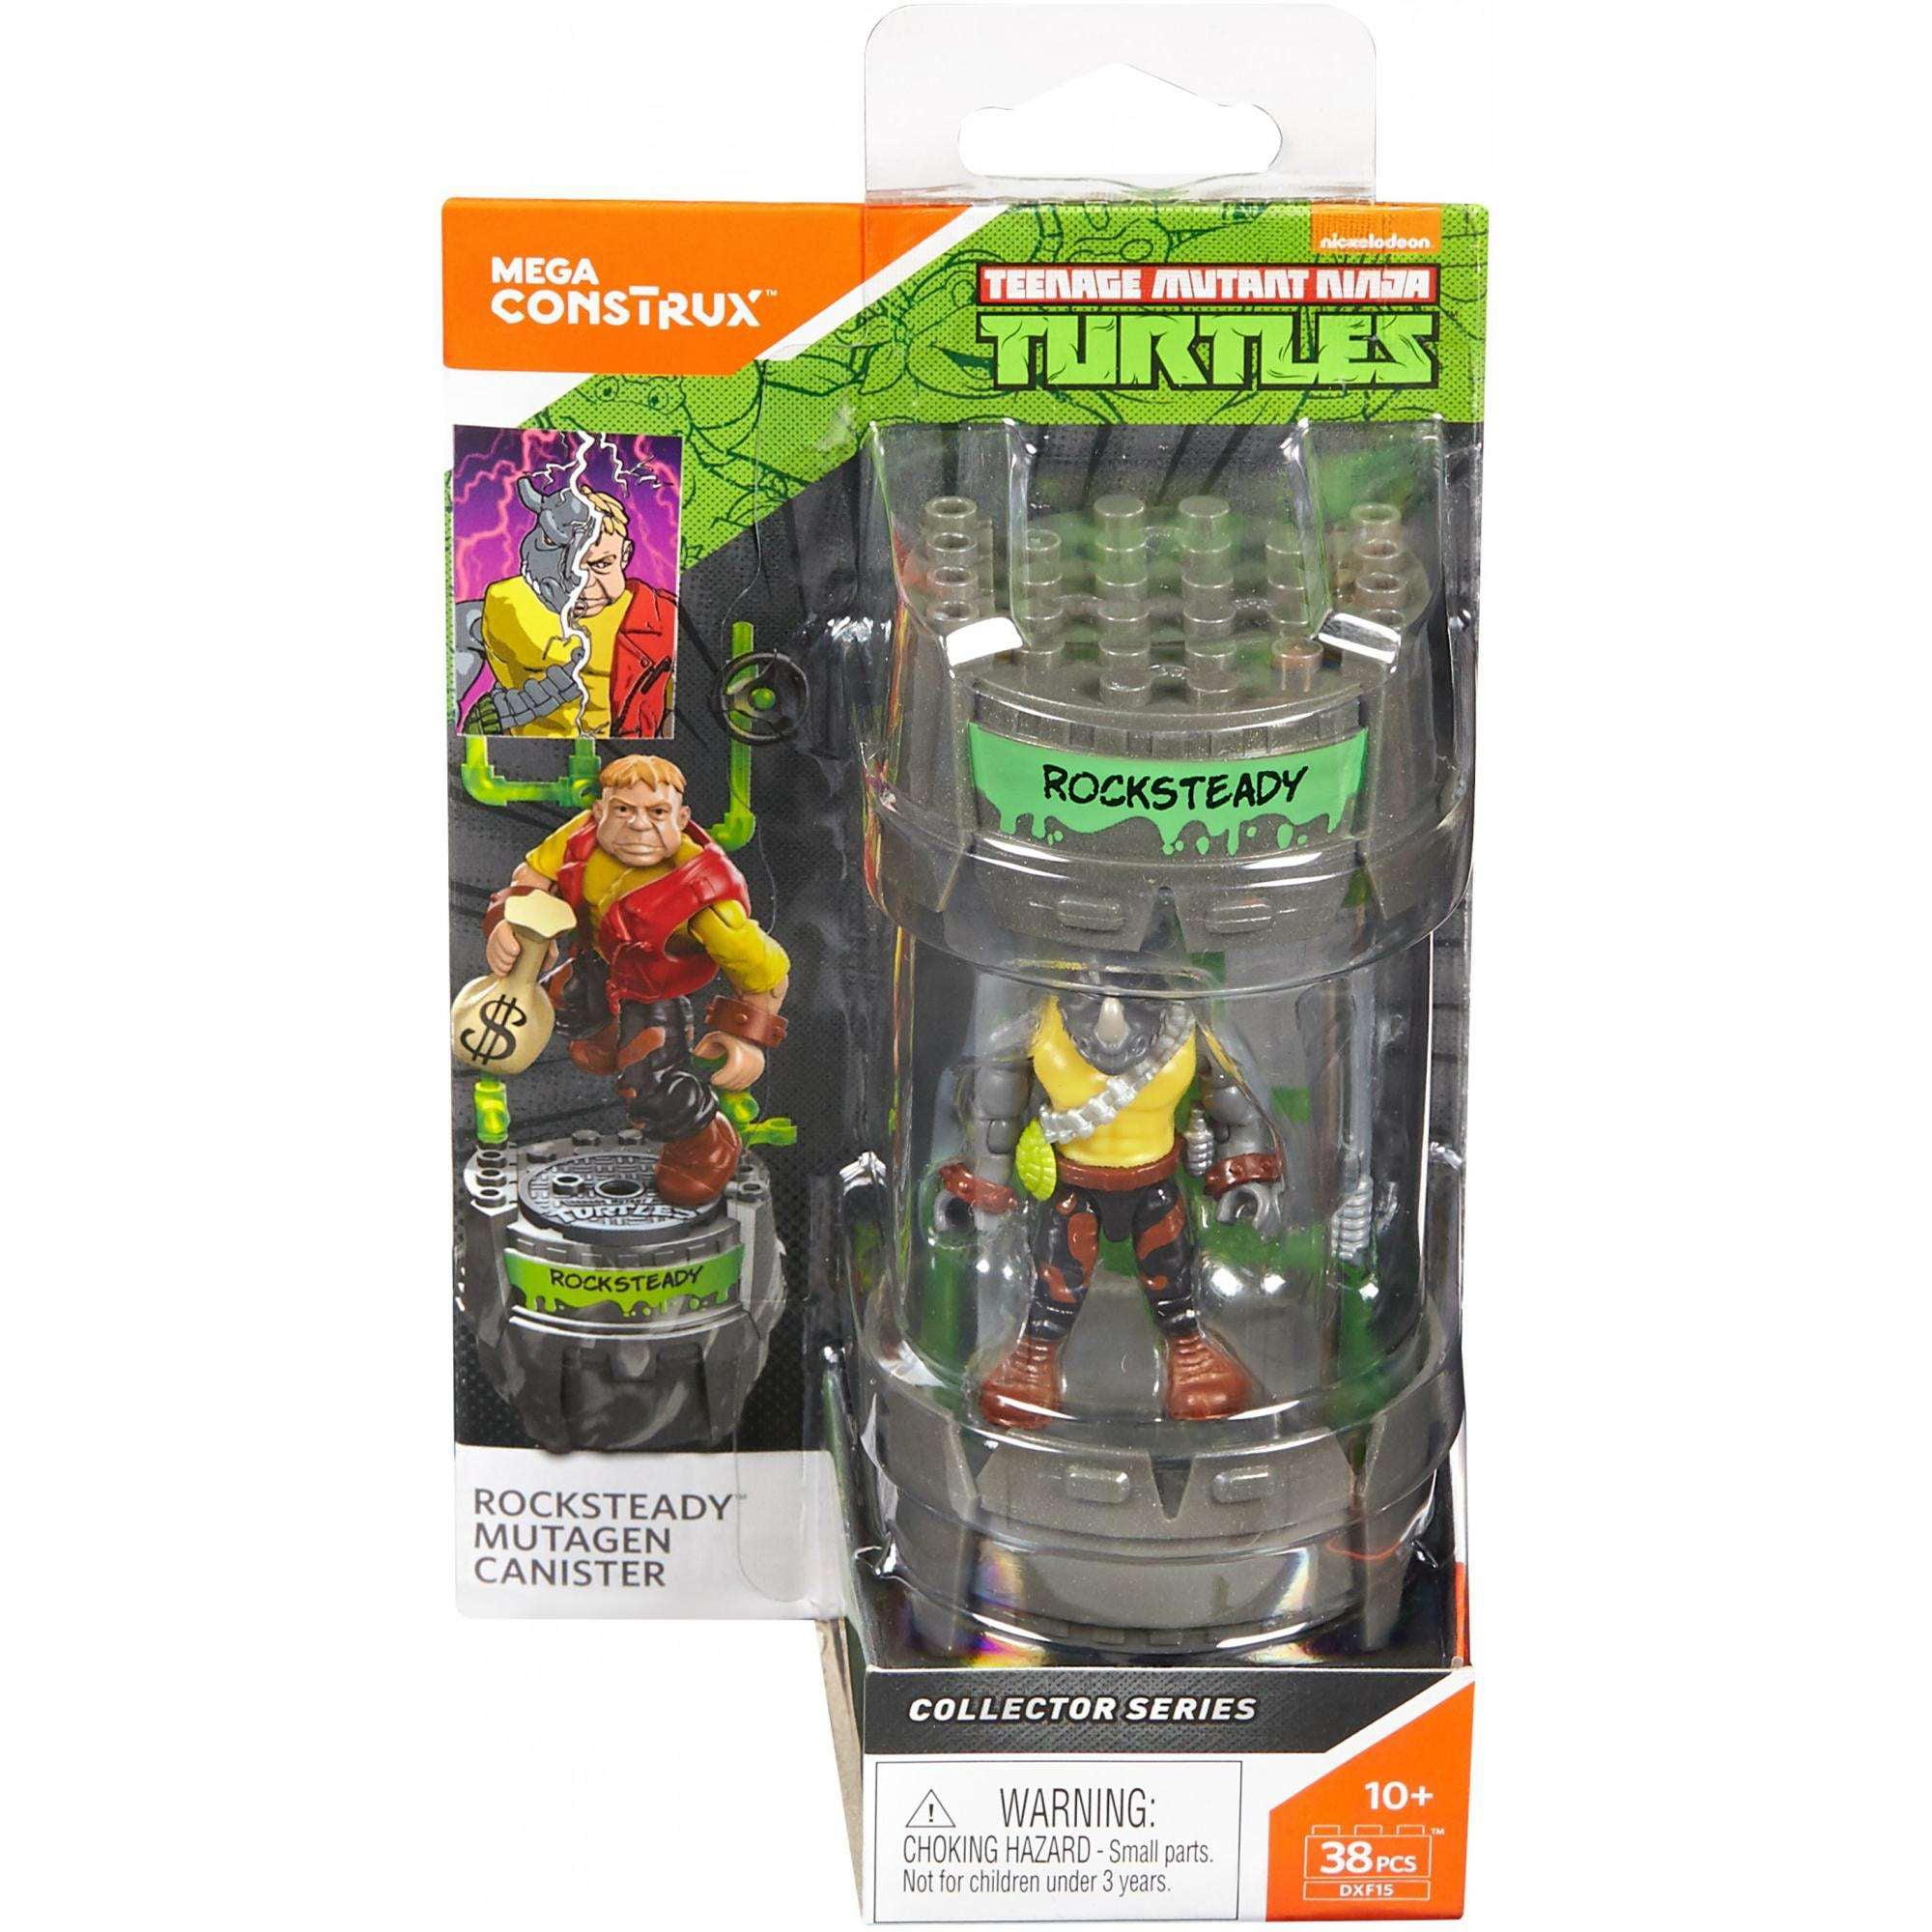 Mega Construx Teenage Mutant Ninja Turtles Rocksteady Mutagen Canister